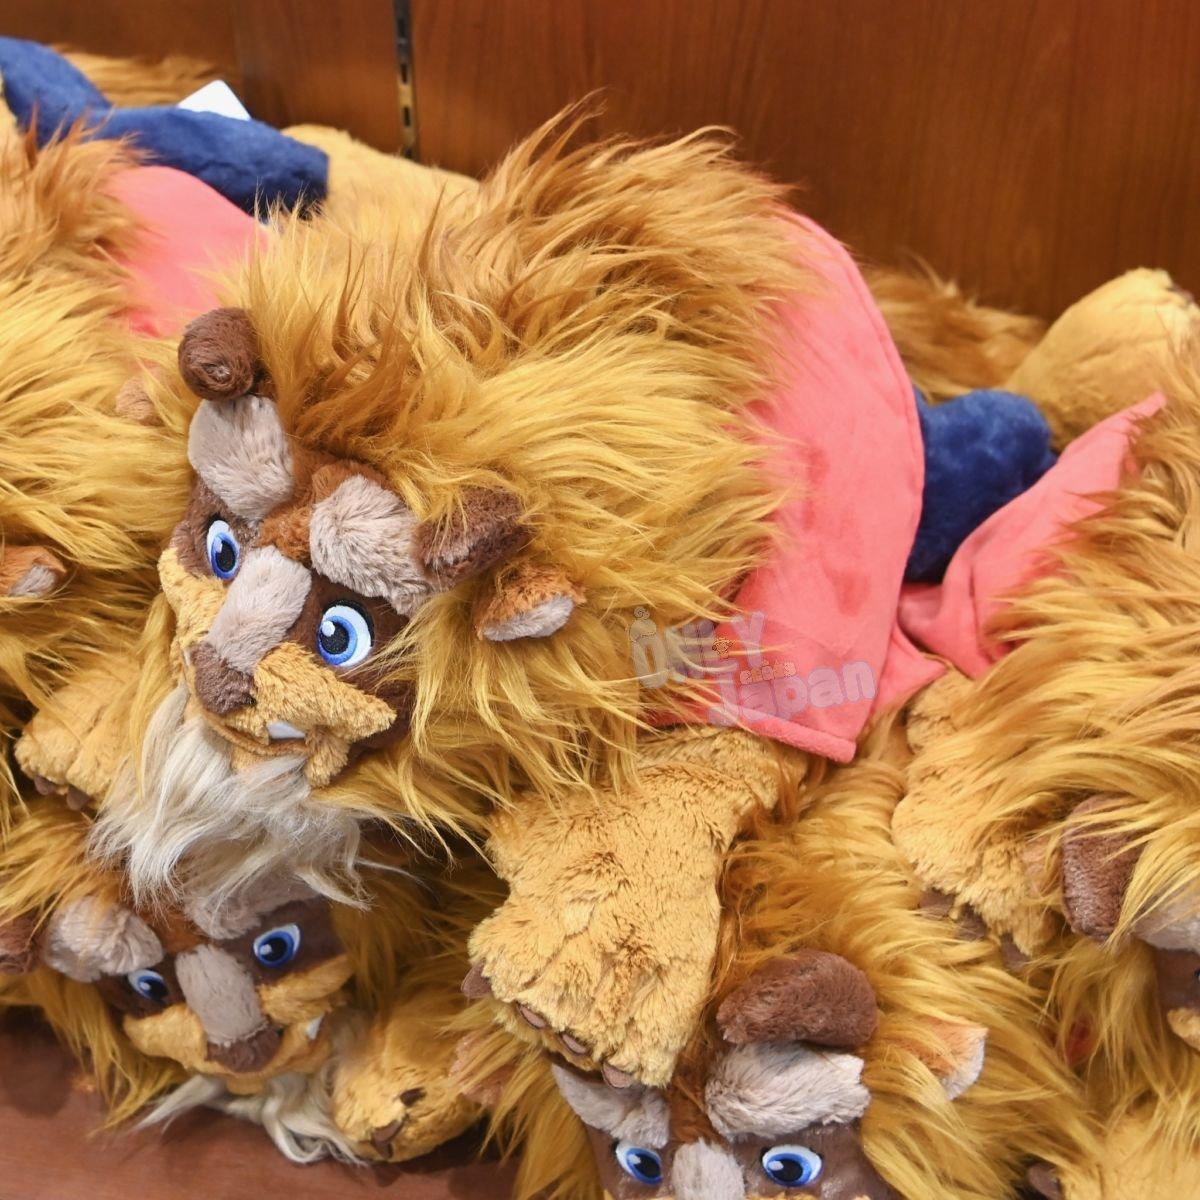 真愛日本 野獸 經典 趴姿 棉柔娃 美女與野獸 東京迪士尼樂園帶回 抱枕 靠枕 禮物 玩偶 娃娃 布偶